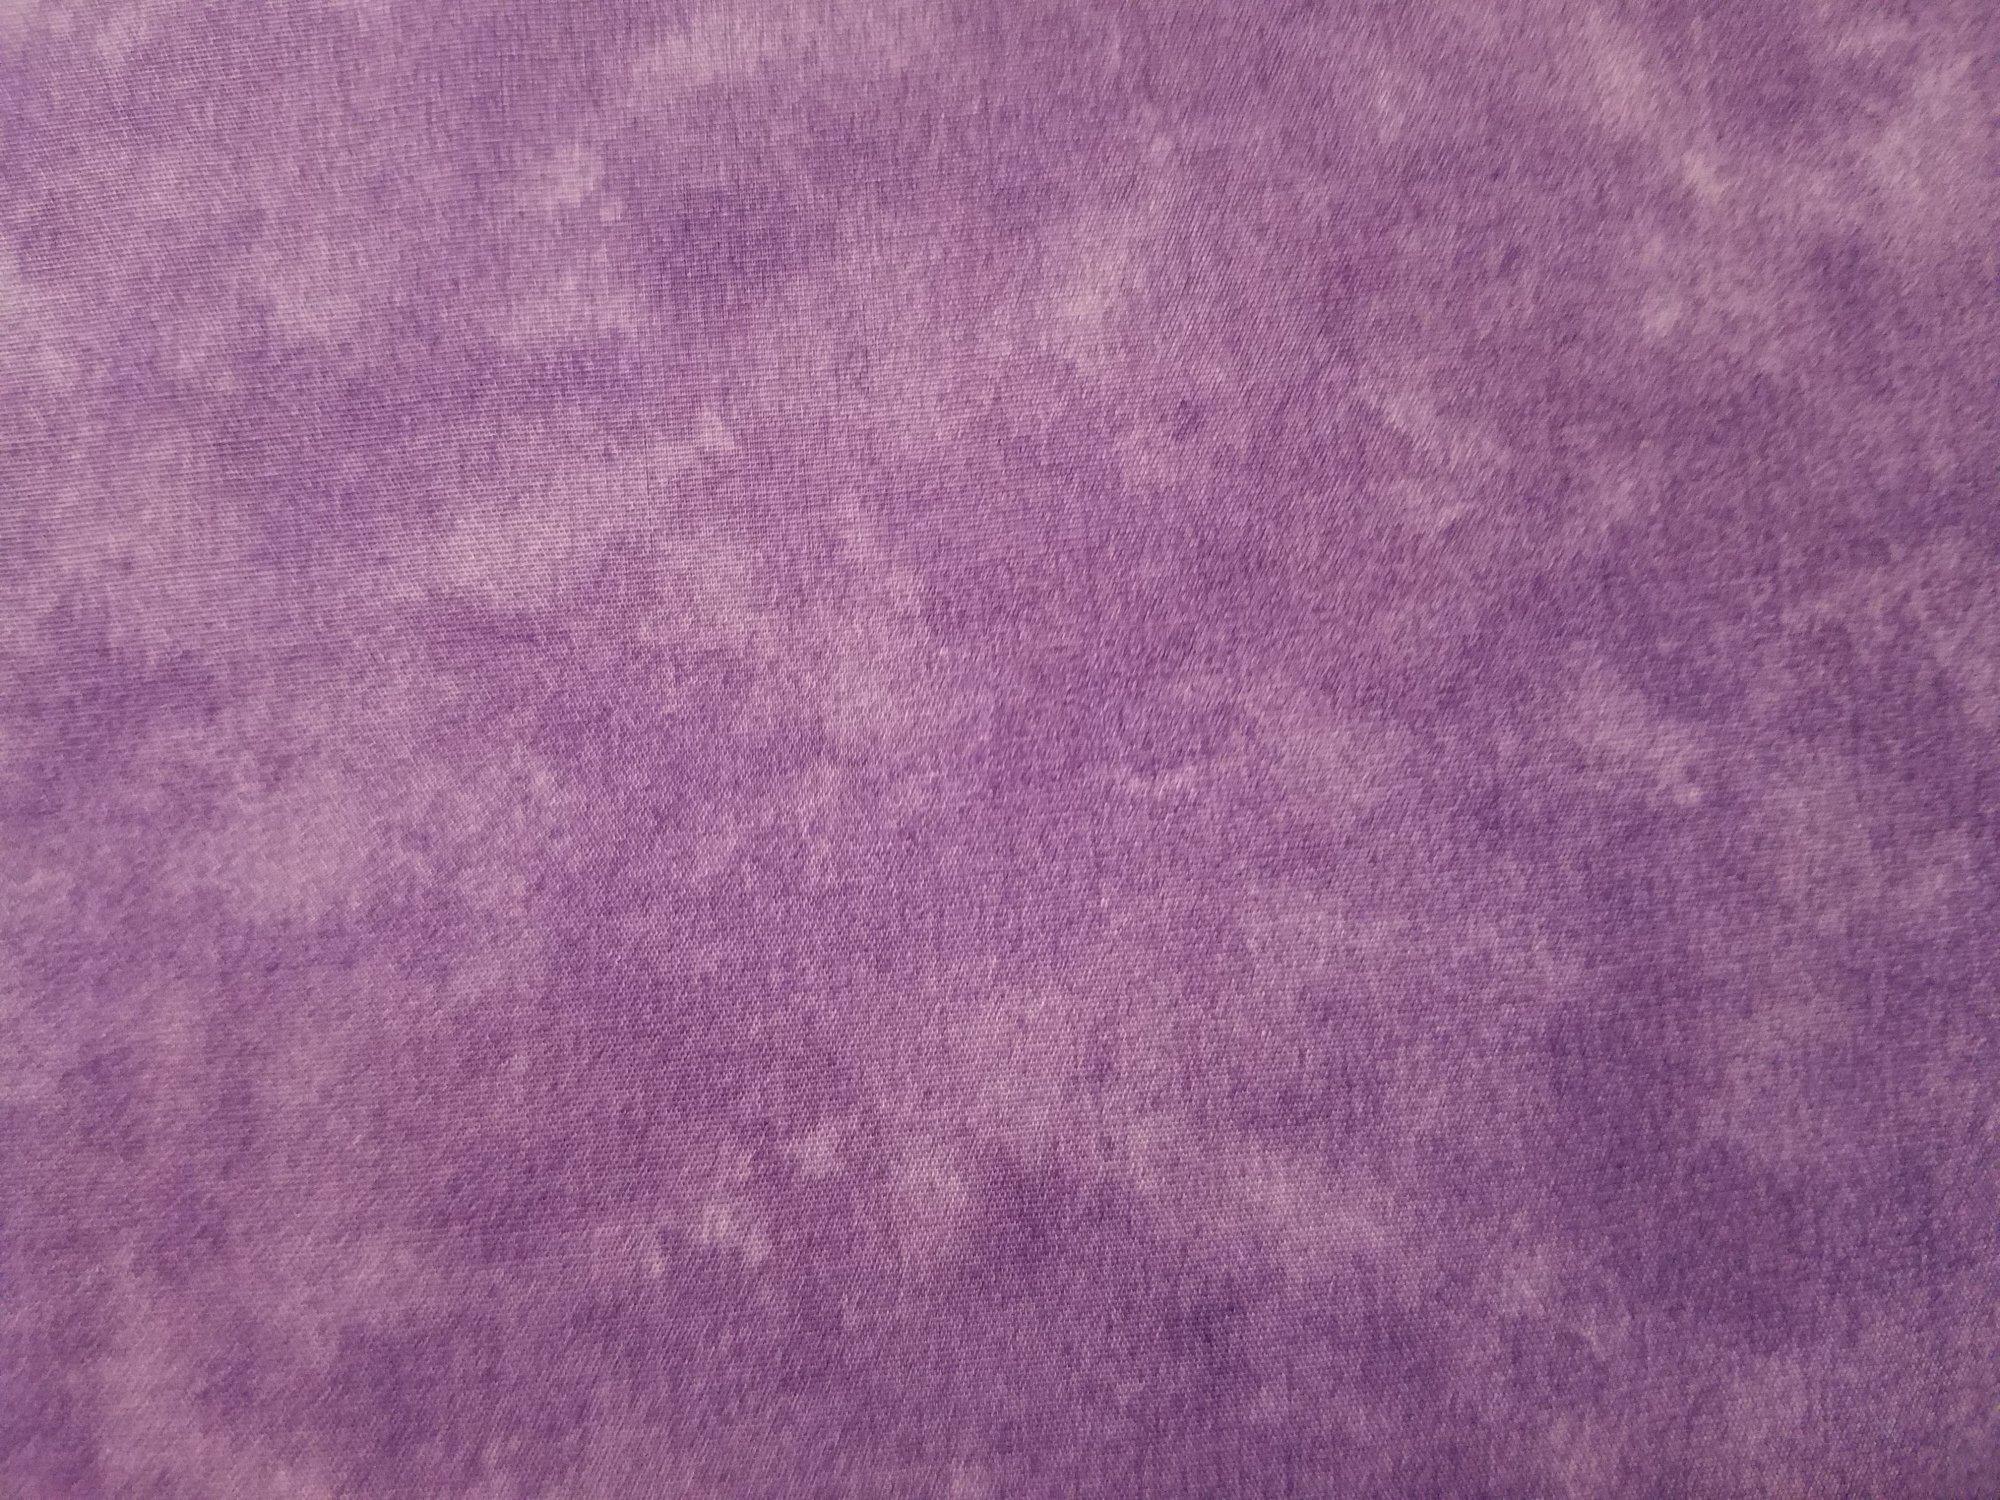 405 Choice Blenders purple